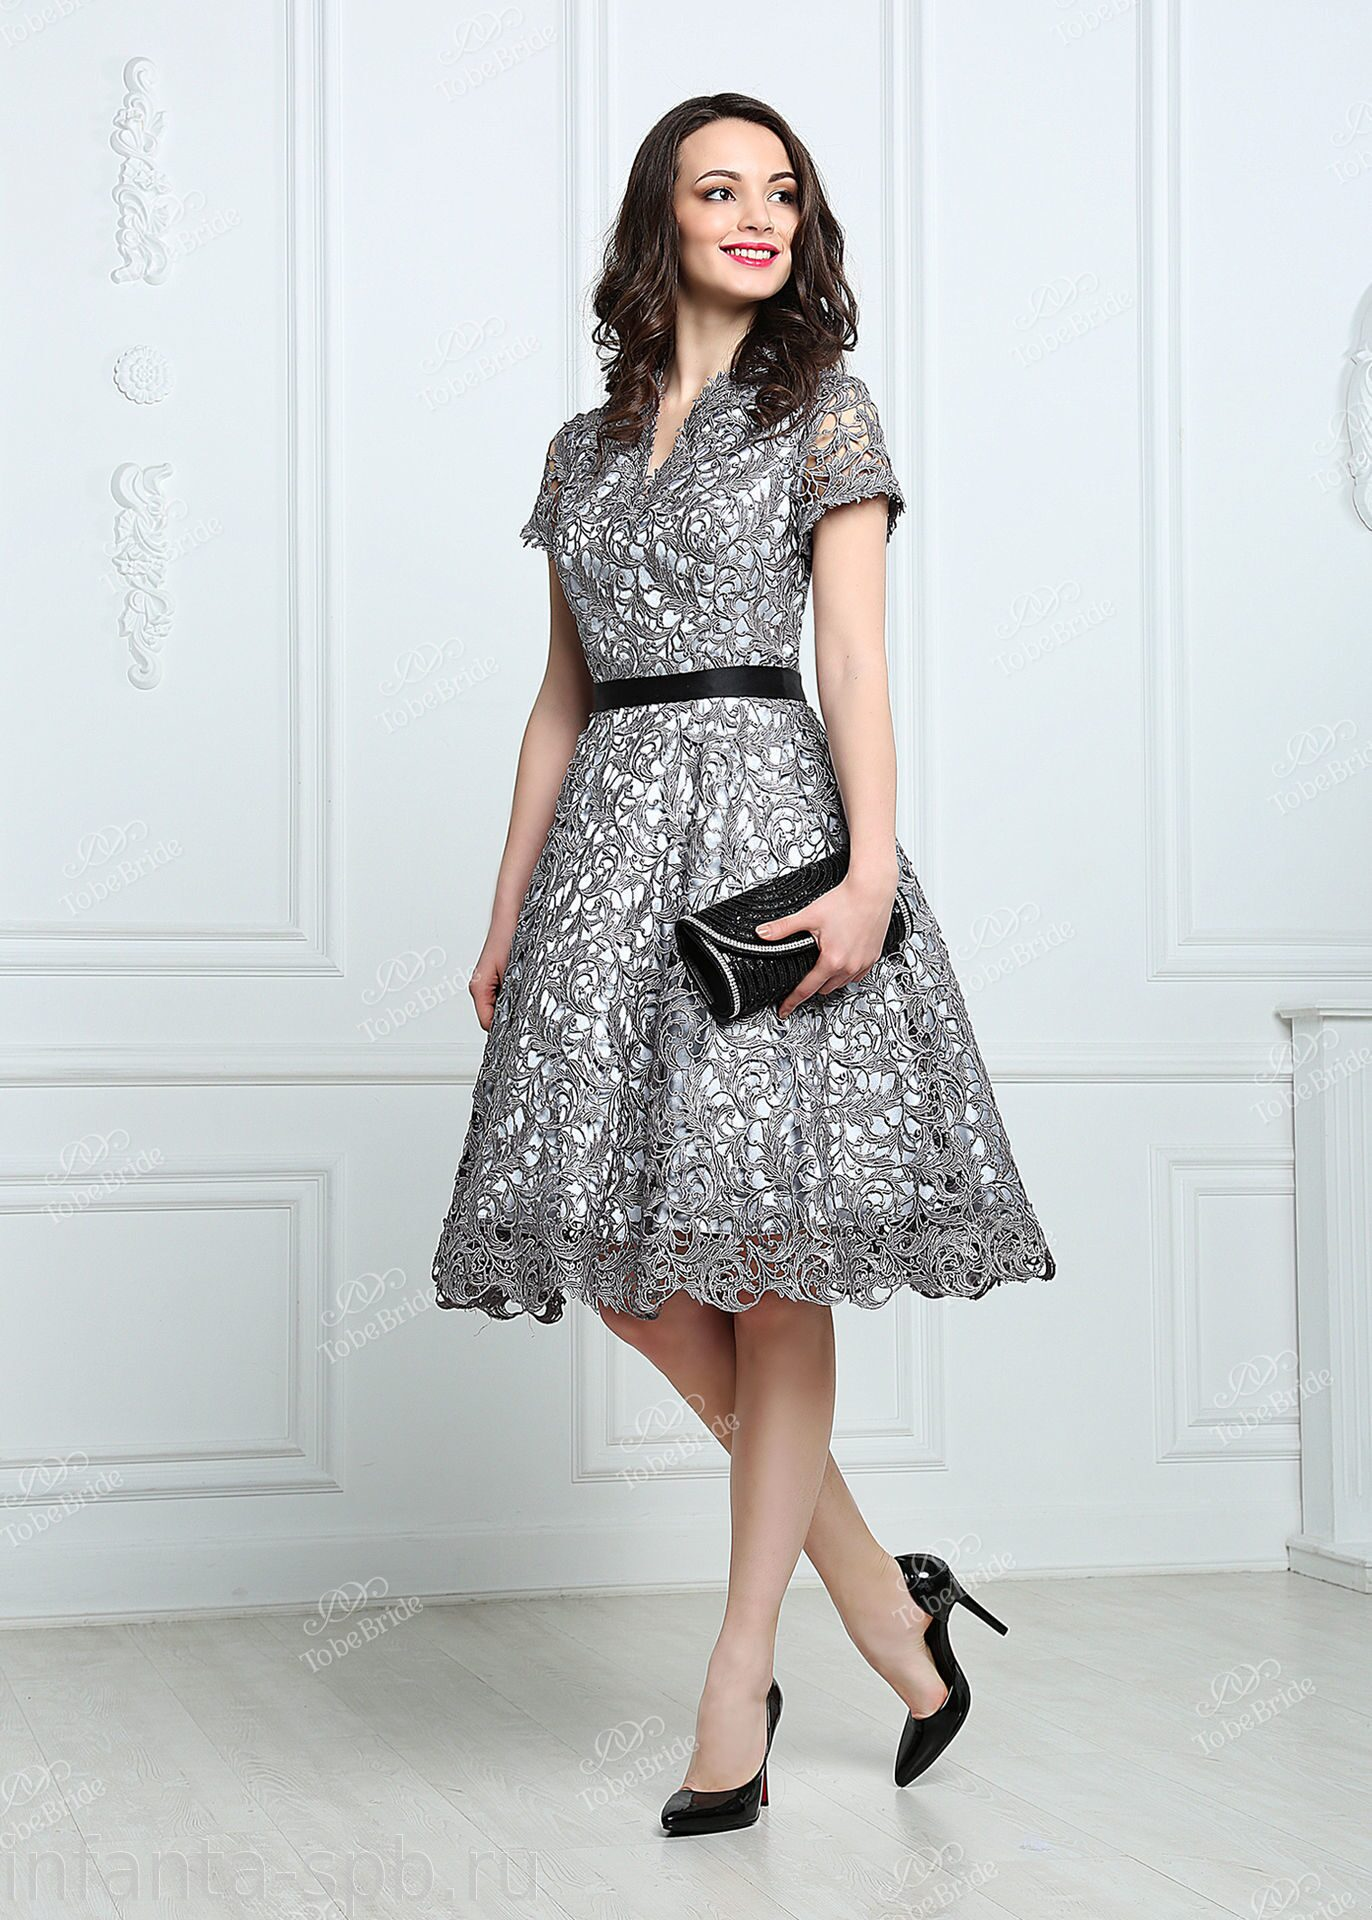 0aa7ee24a79 Кружевное коктейльное платье темных оттенков купить в спб